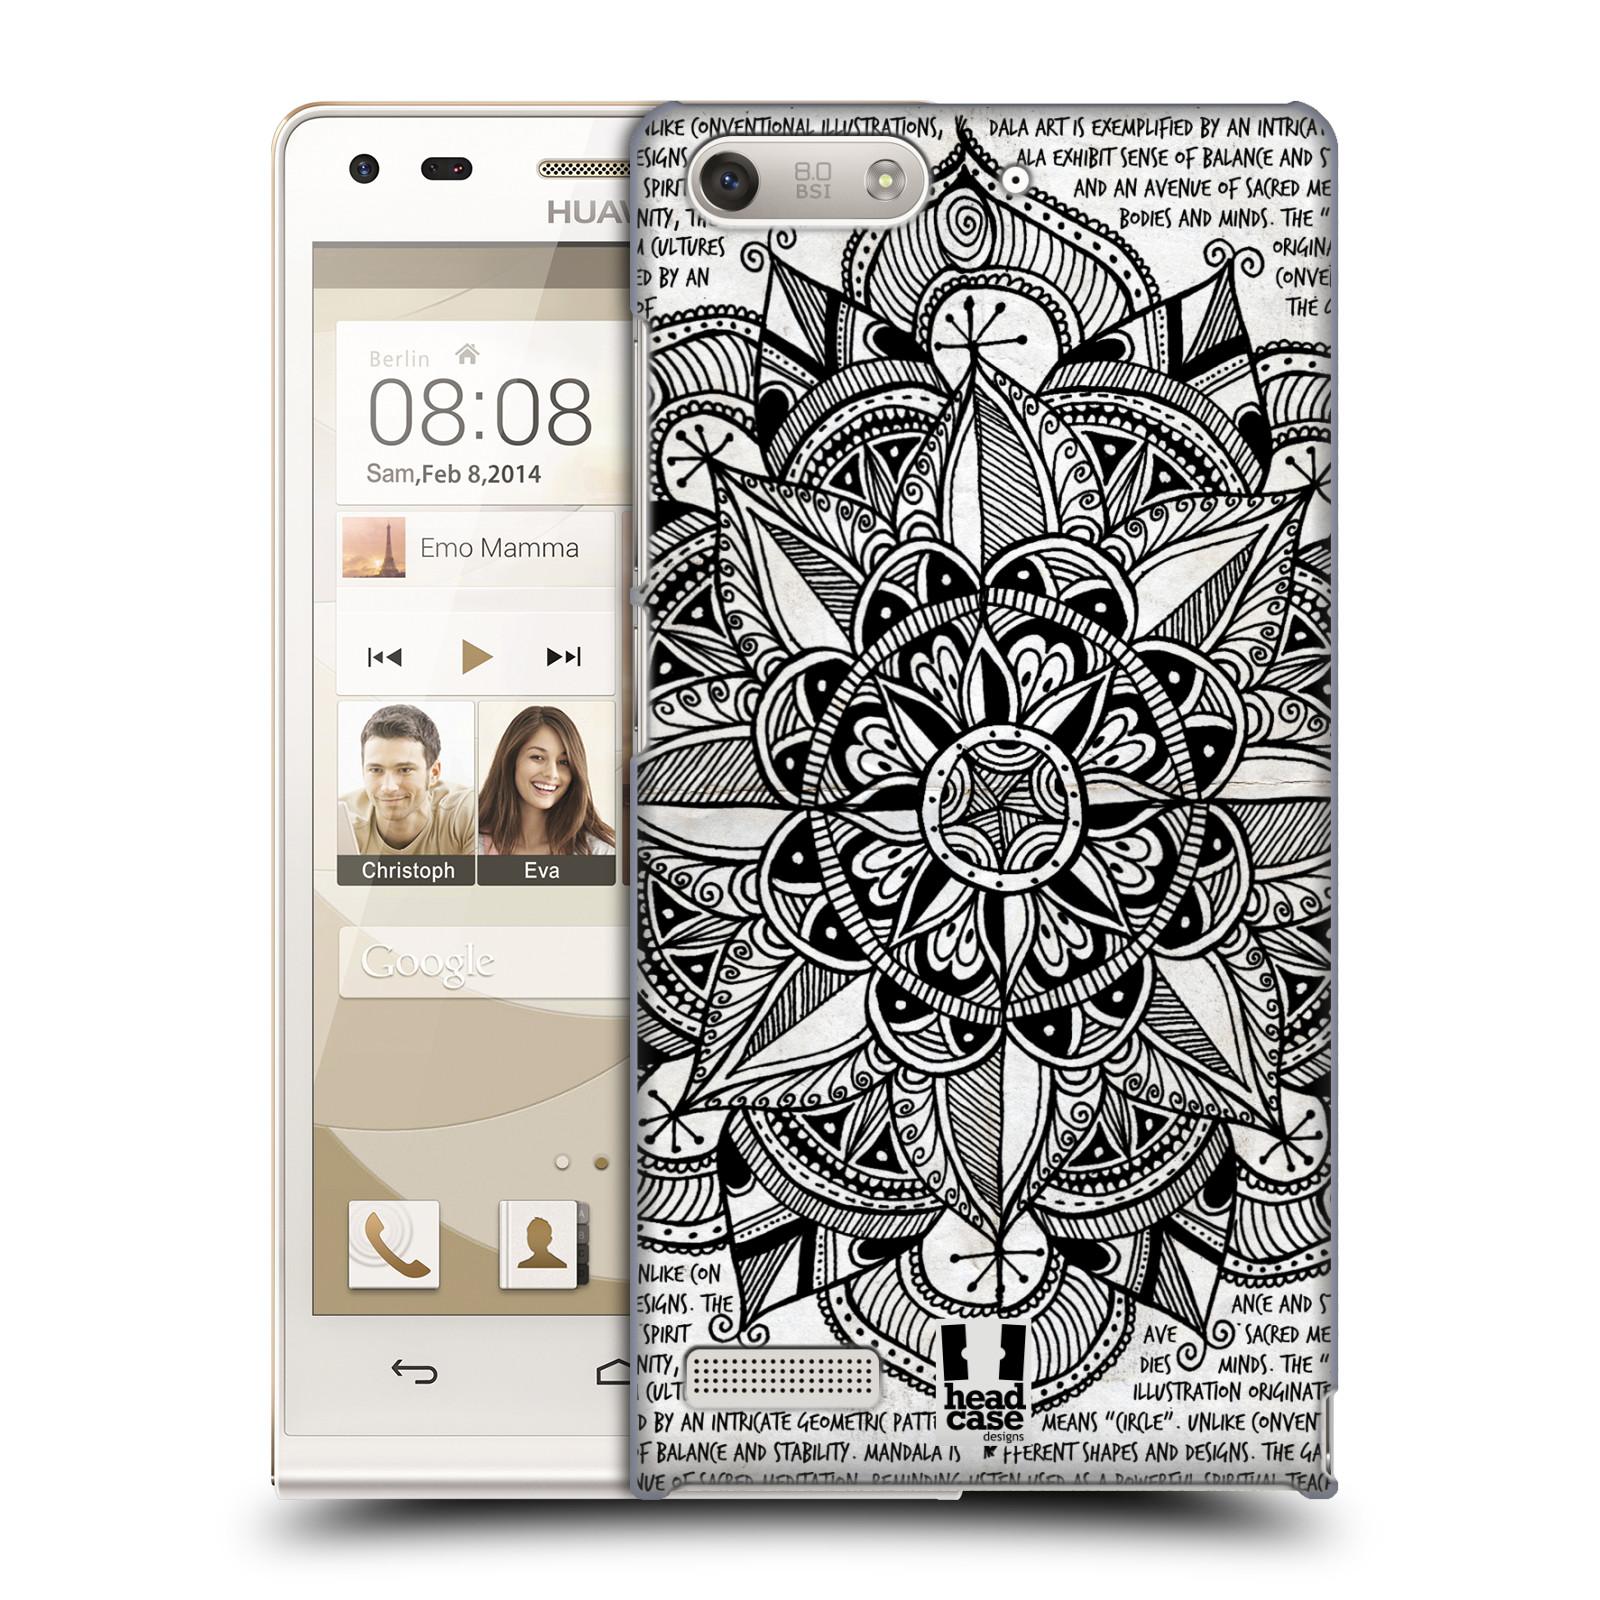 Plastové pouzdro na mobil Huawei Ascend G6 HEAD CASE Mandala Doodle Paper (Kryt či obal na mobilní telefon Huawei Ascend G6 bez LTE)